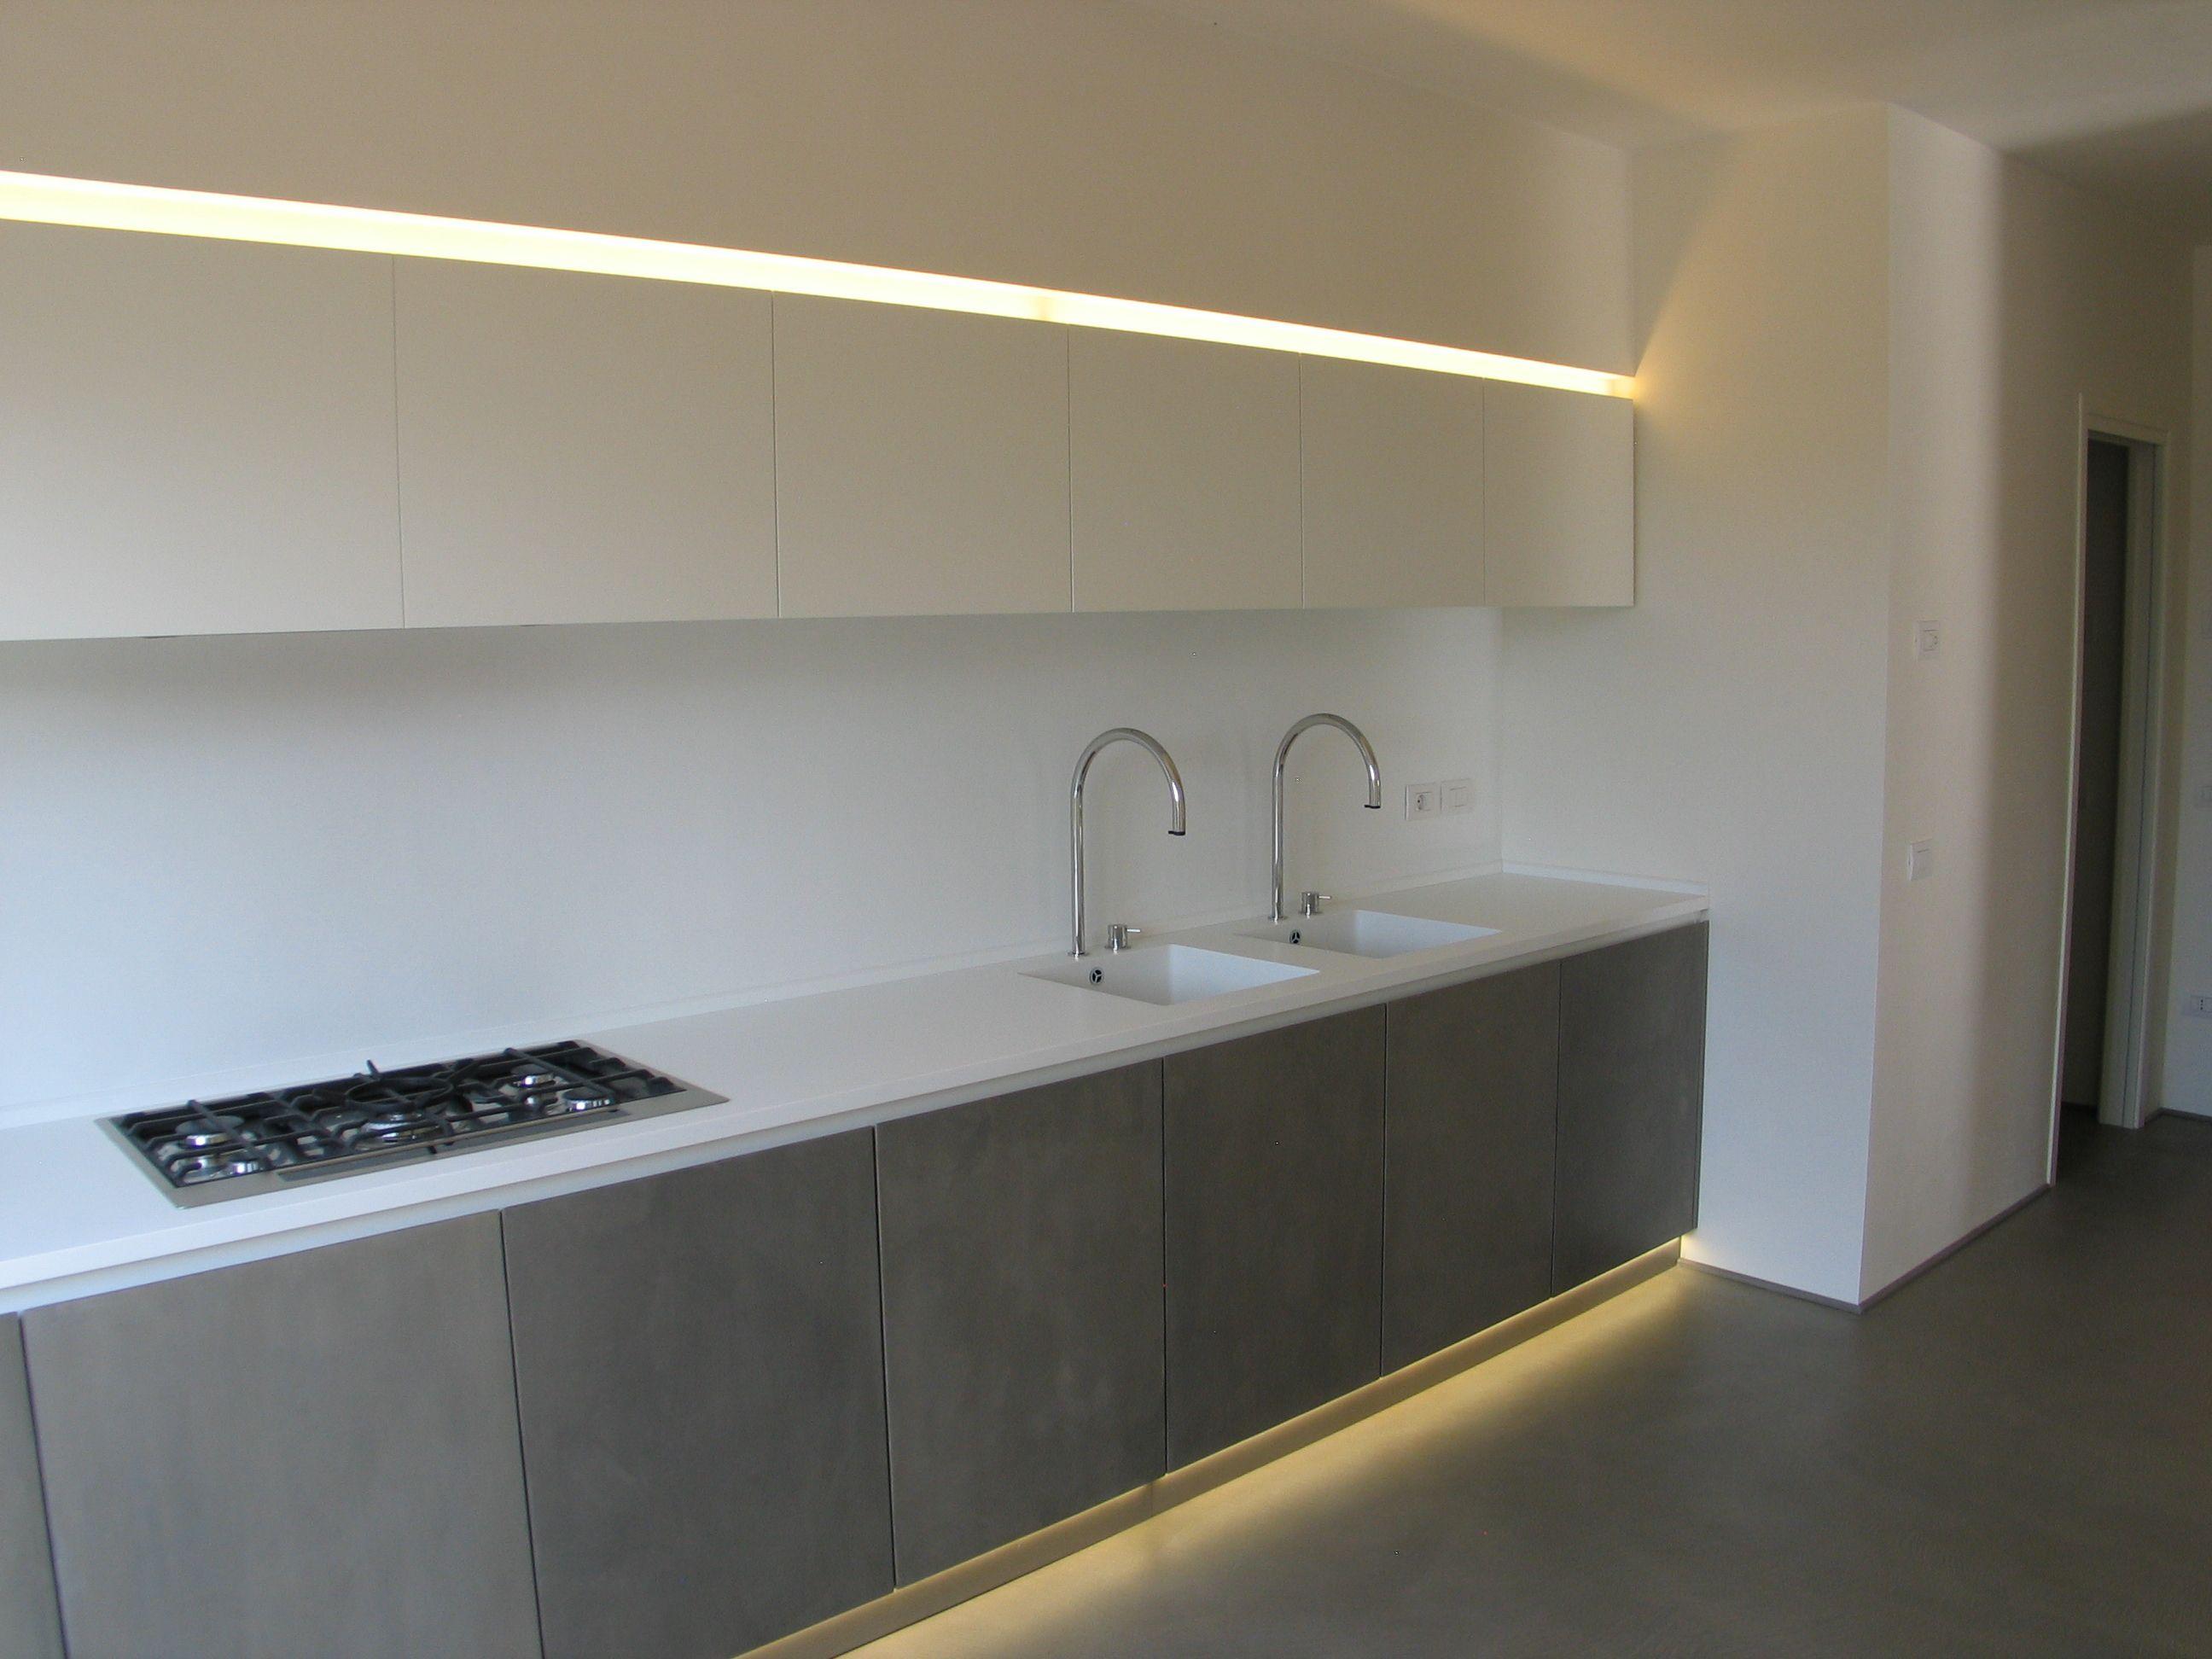 cucina #design #corian #glacierwhite #led #oltremateria #ecomalta ...